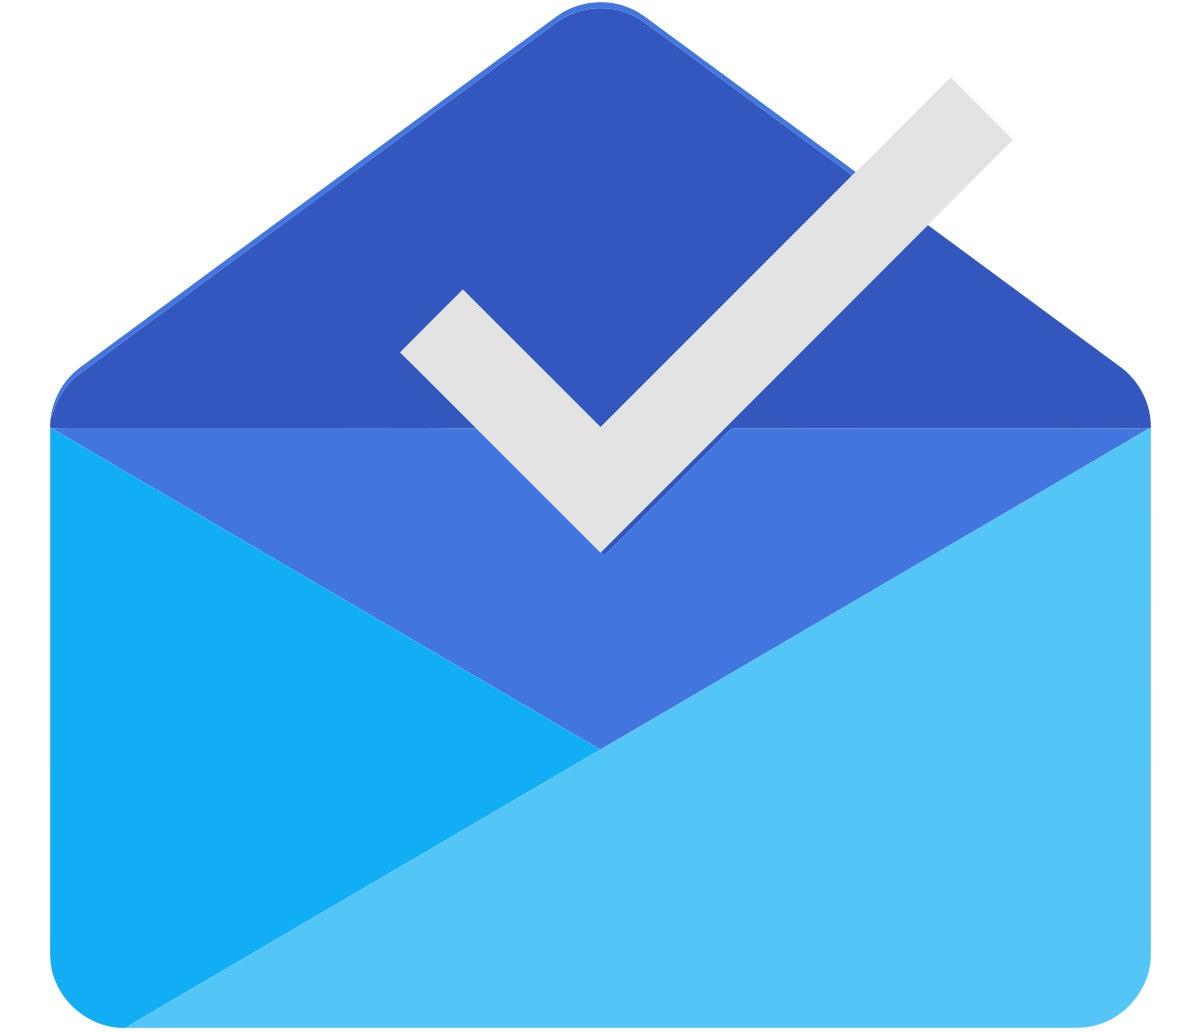 Bandeja de entrada de Google